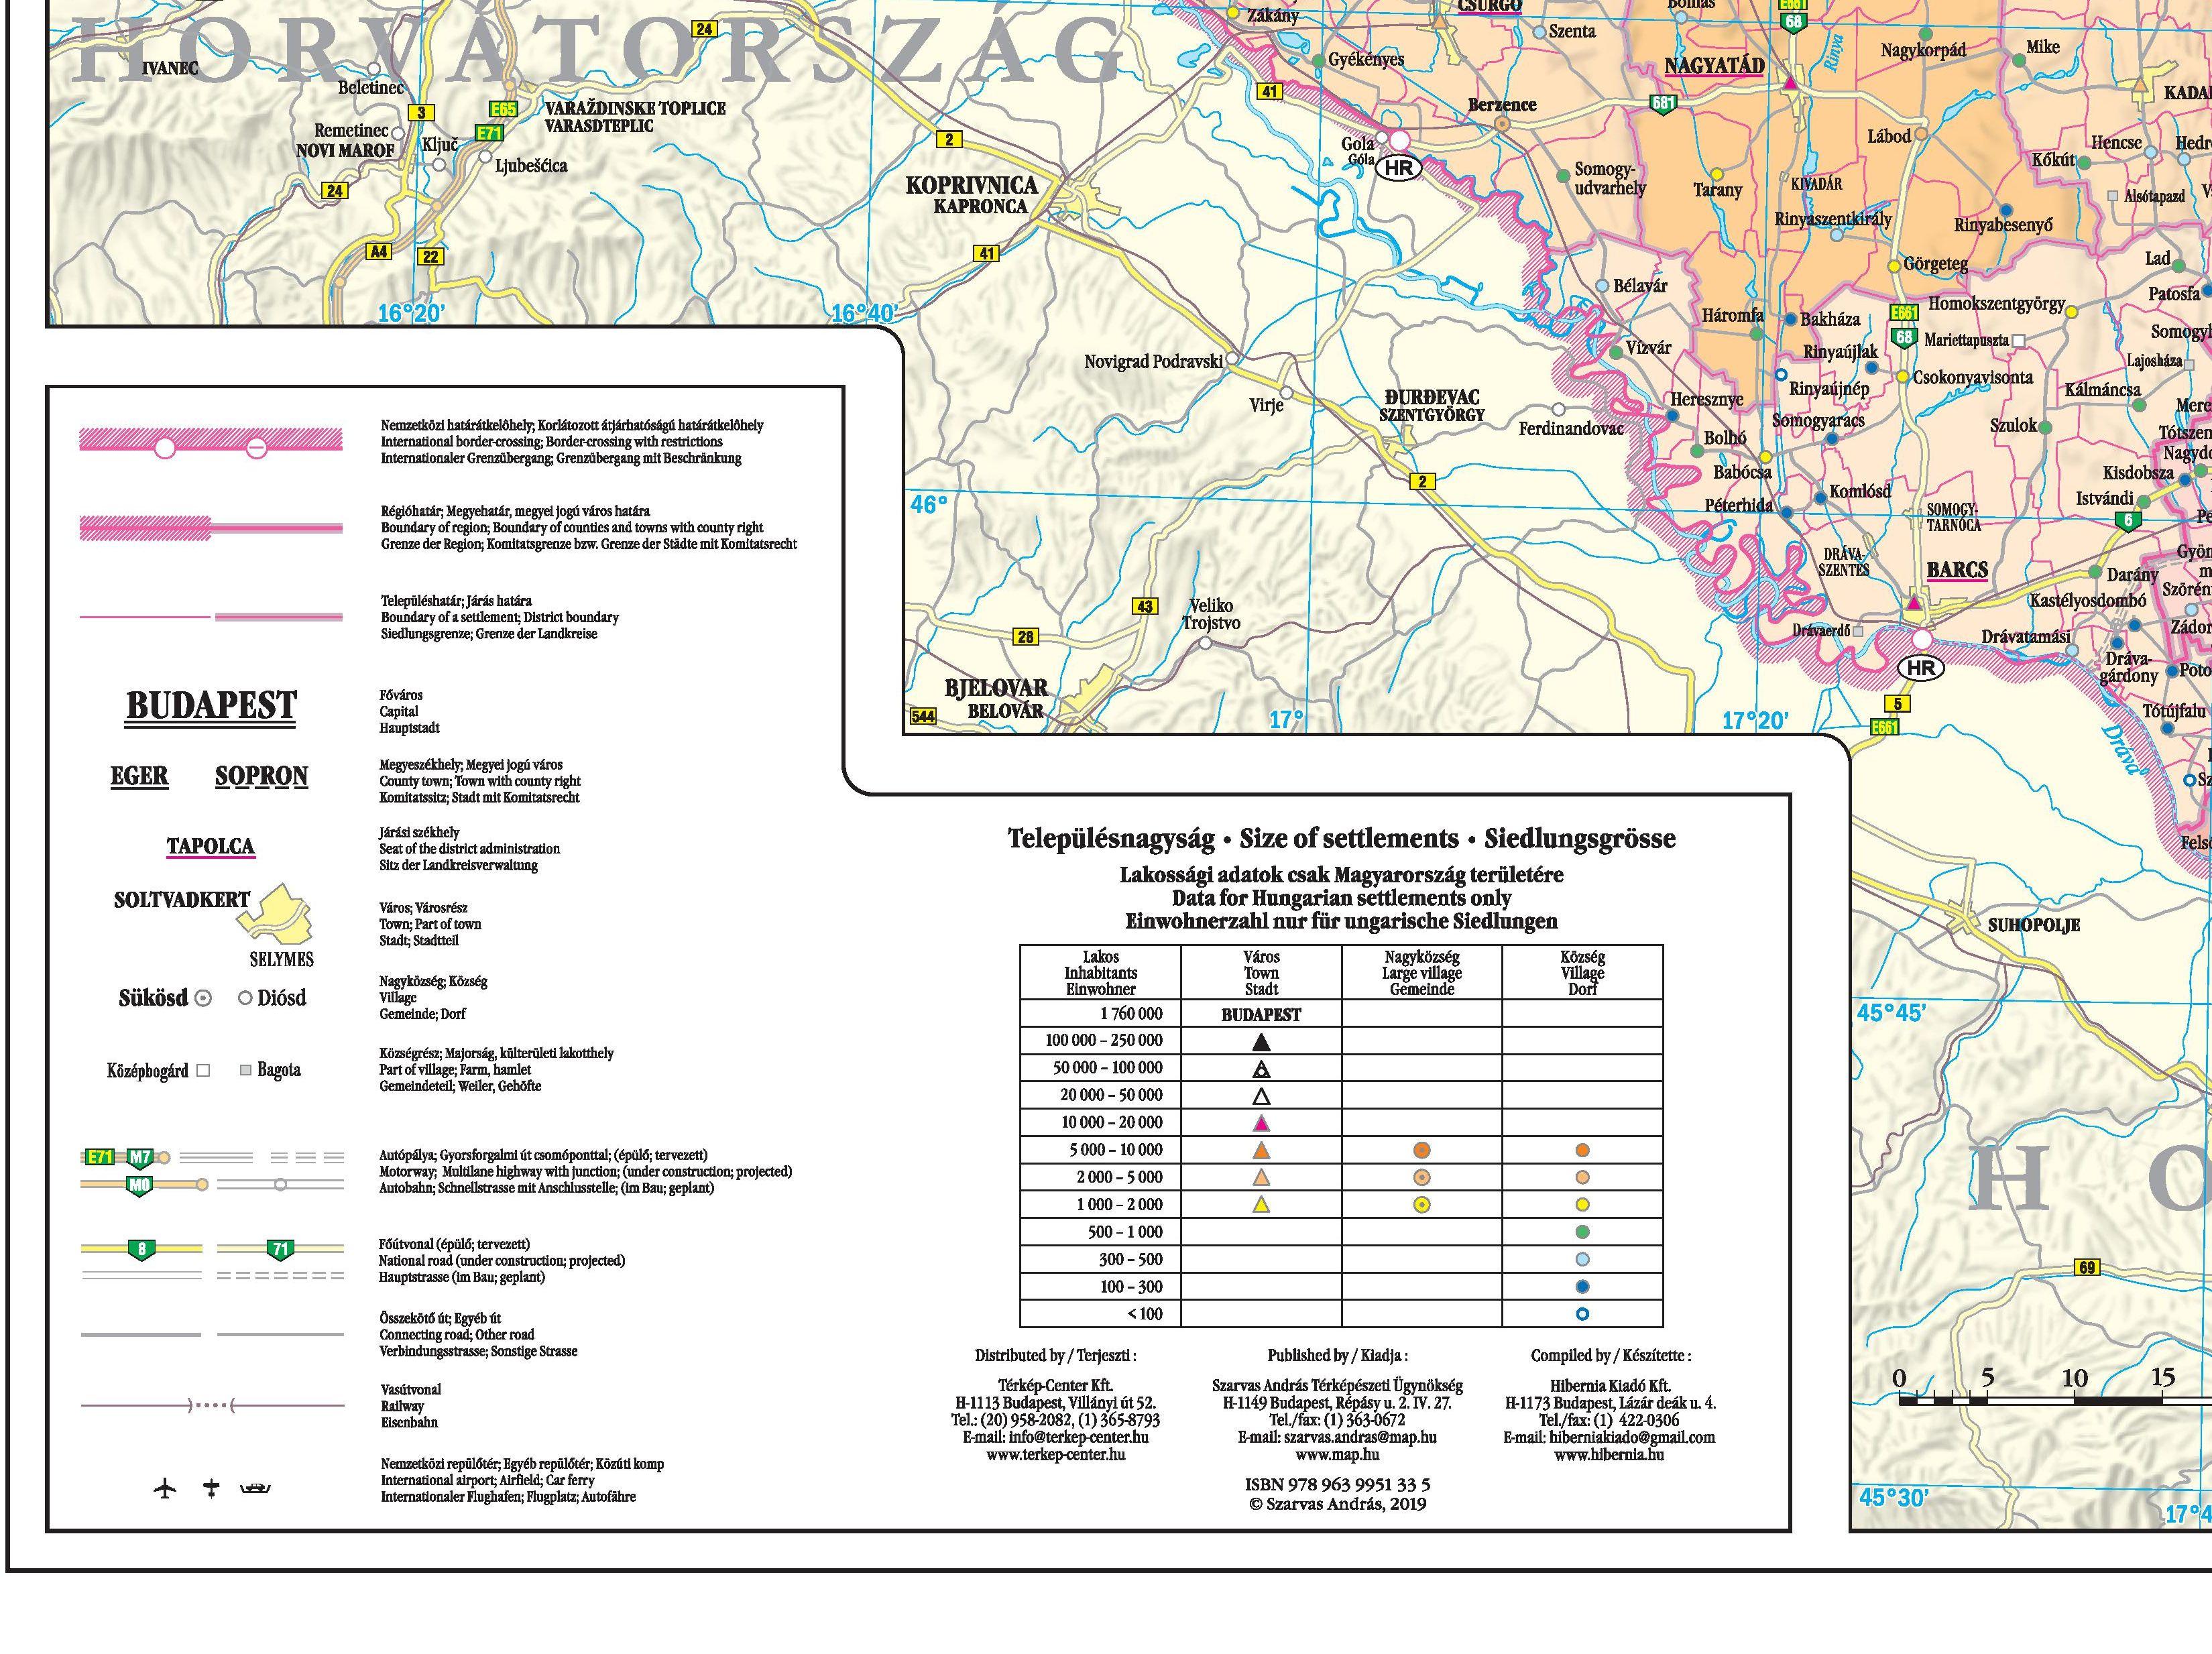 Magyarország közigazgatási térképe: jelmagyarázat